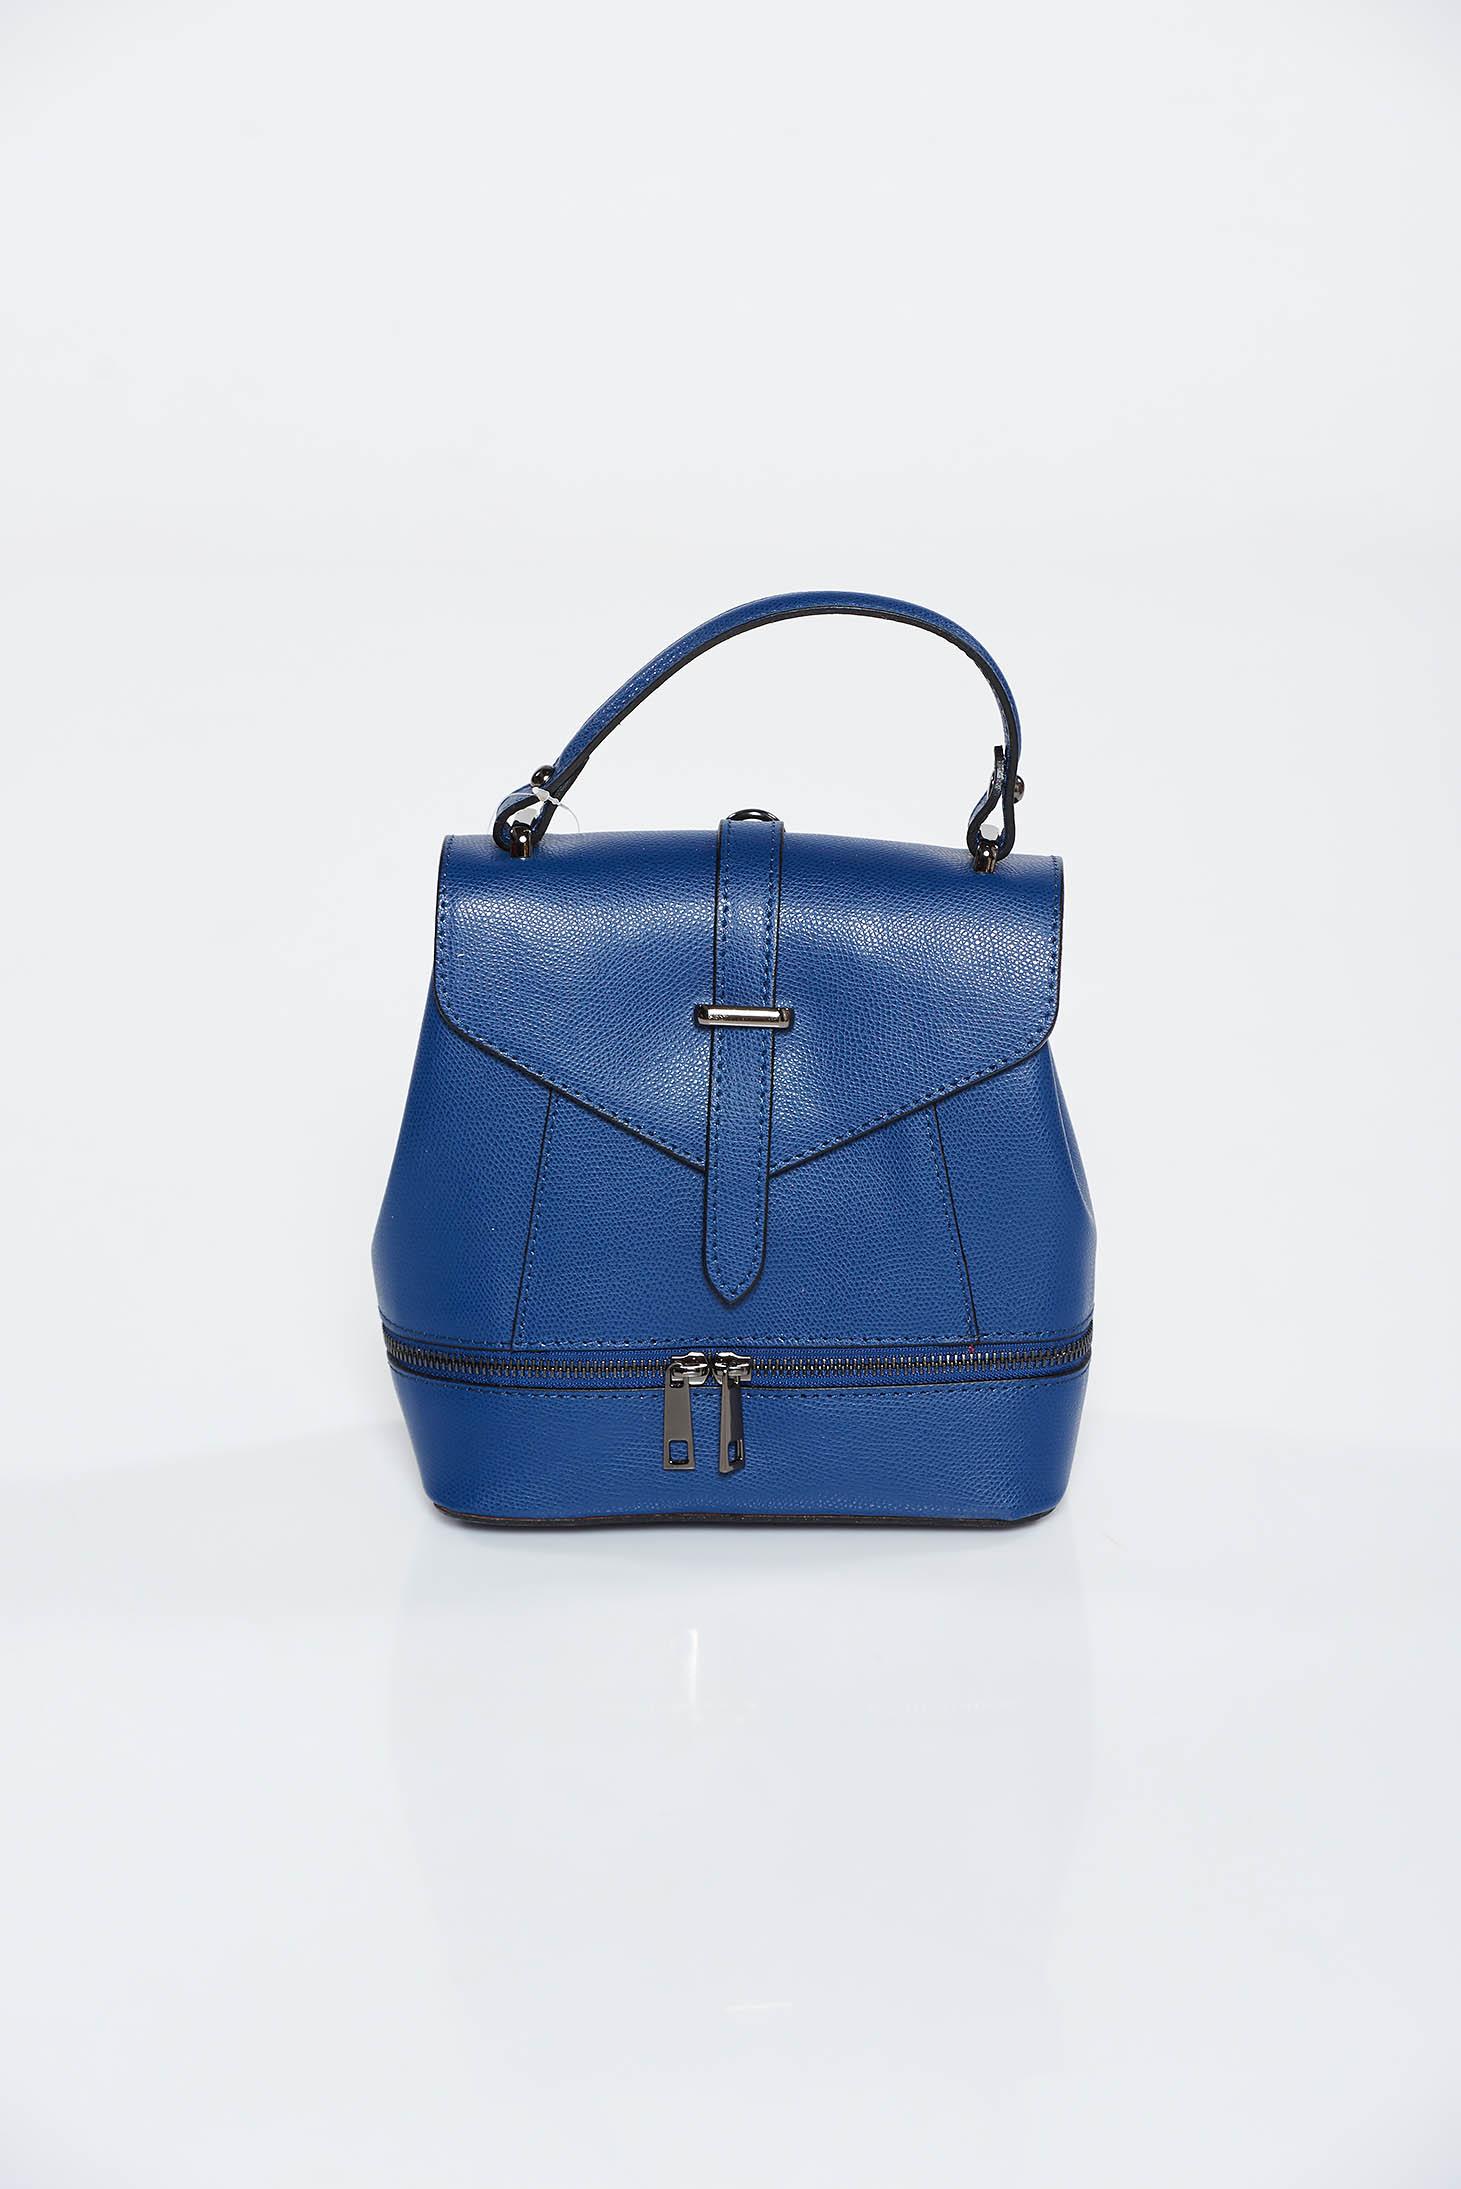 Rucsac albastru-inchis din piele naturala accesorizat cu fermoar si cu o catarama metalica